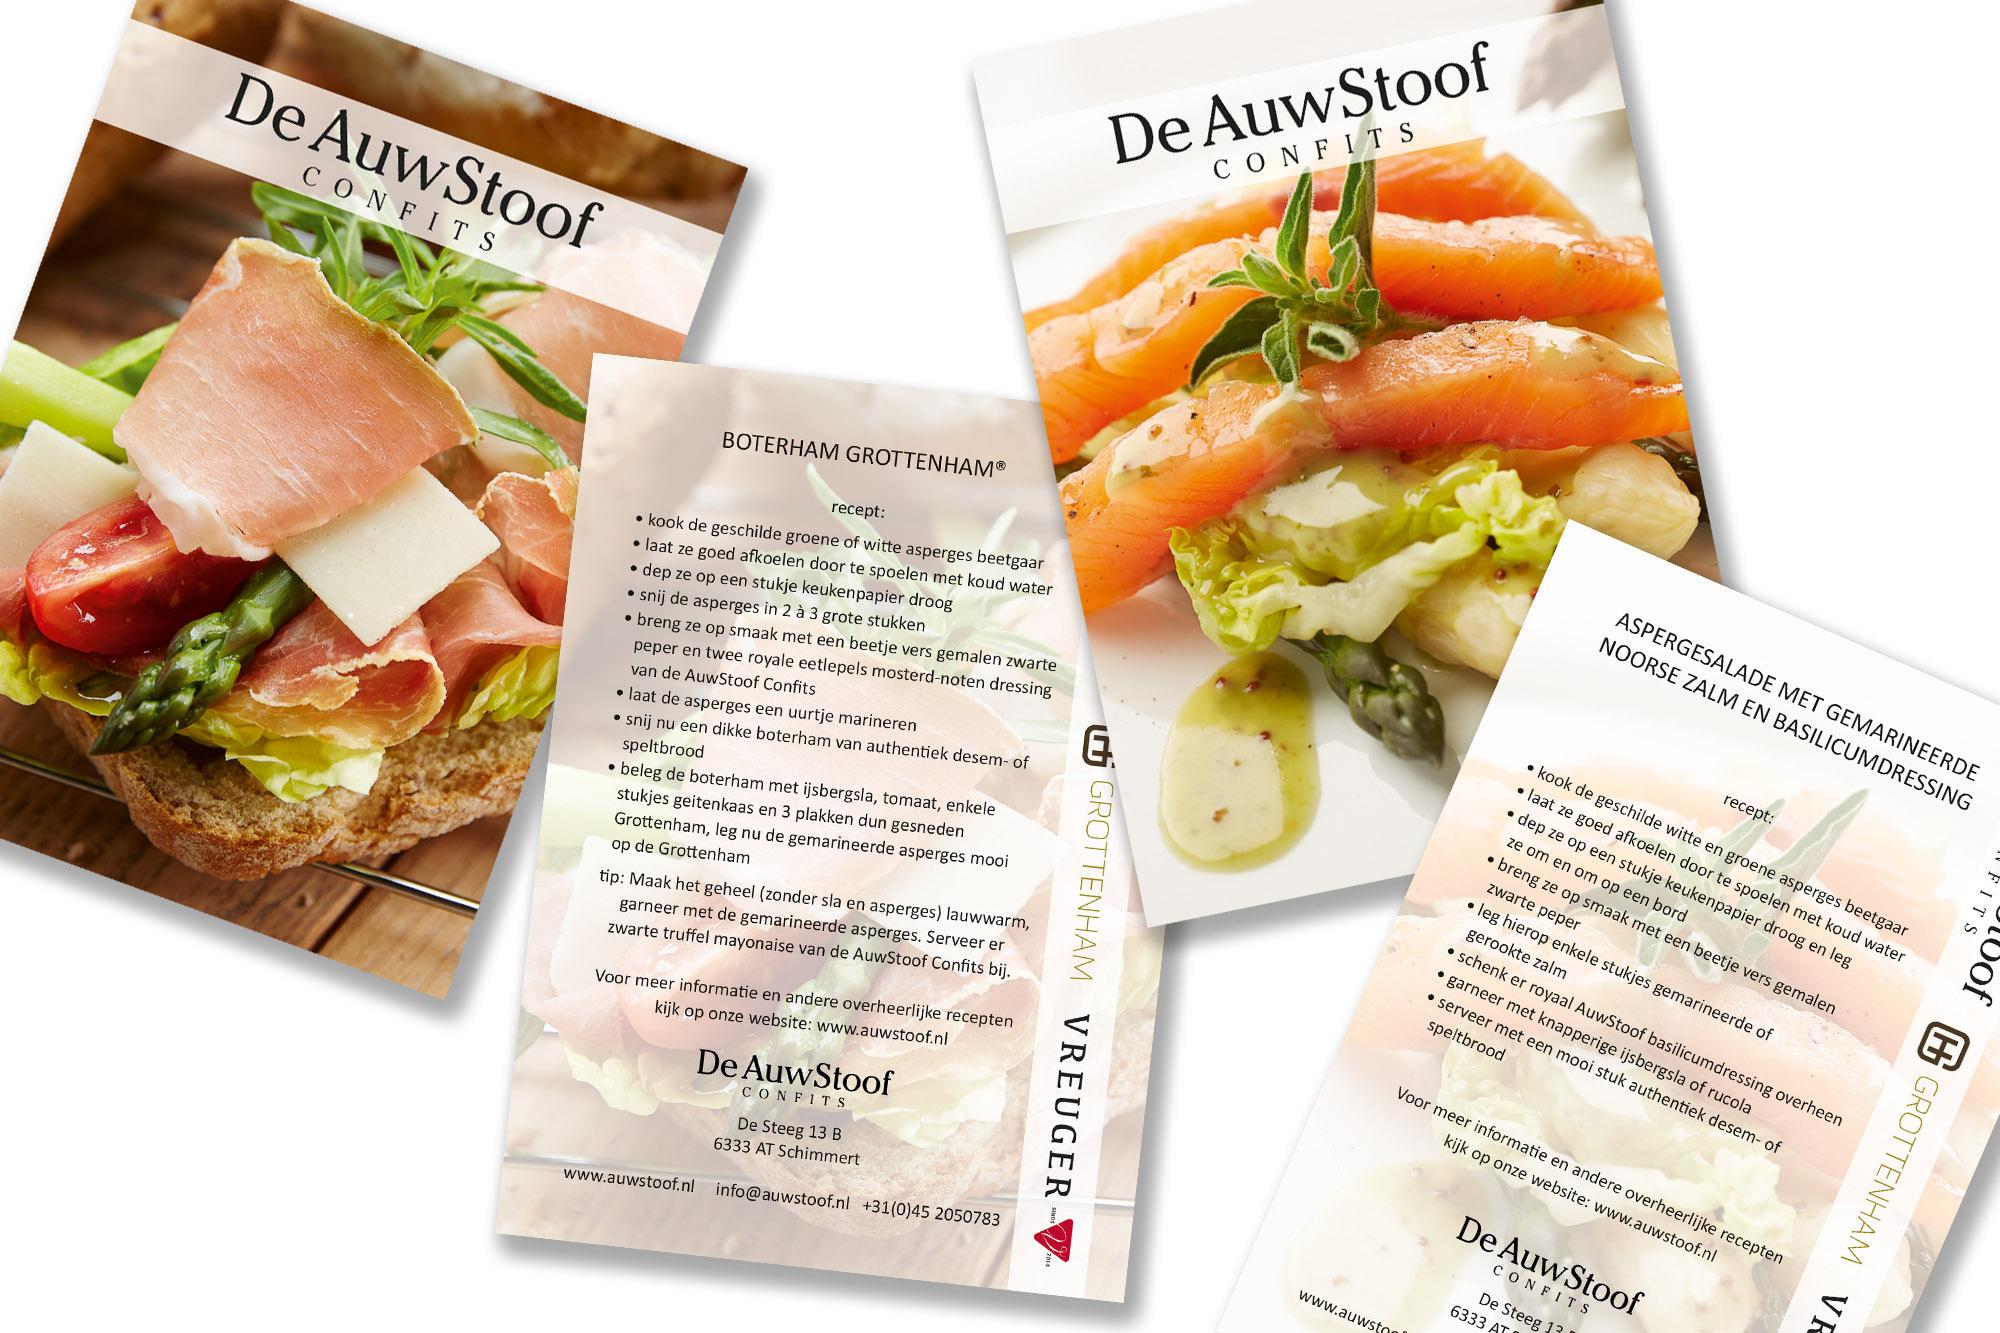 SPUISERS auwstoof culinair kaaarten foodfotografie drukwerk